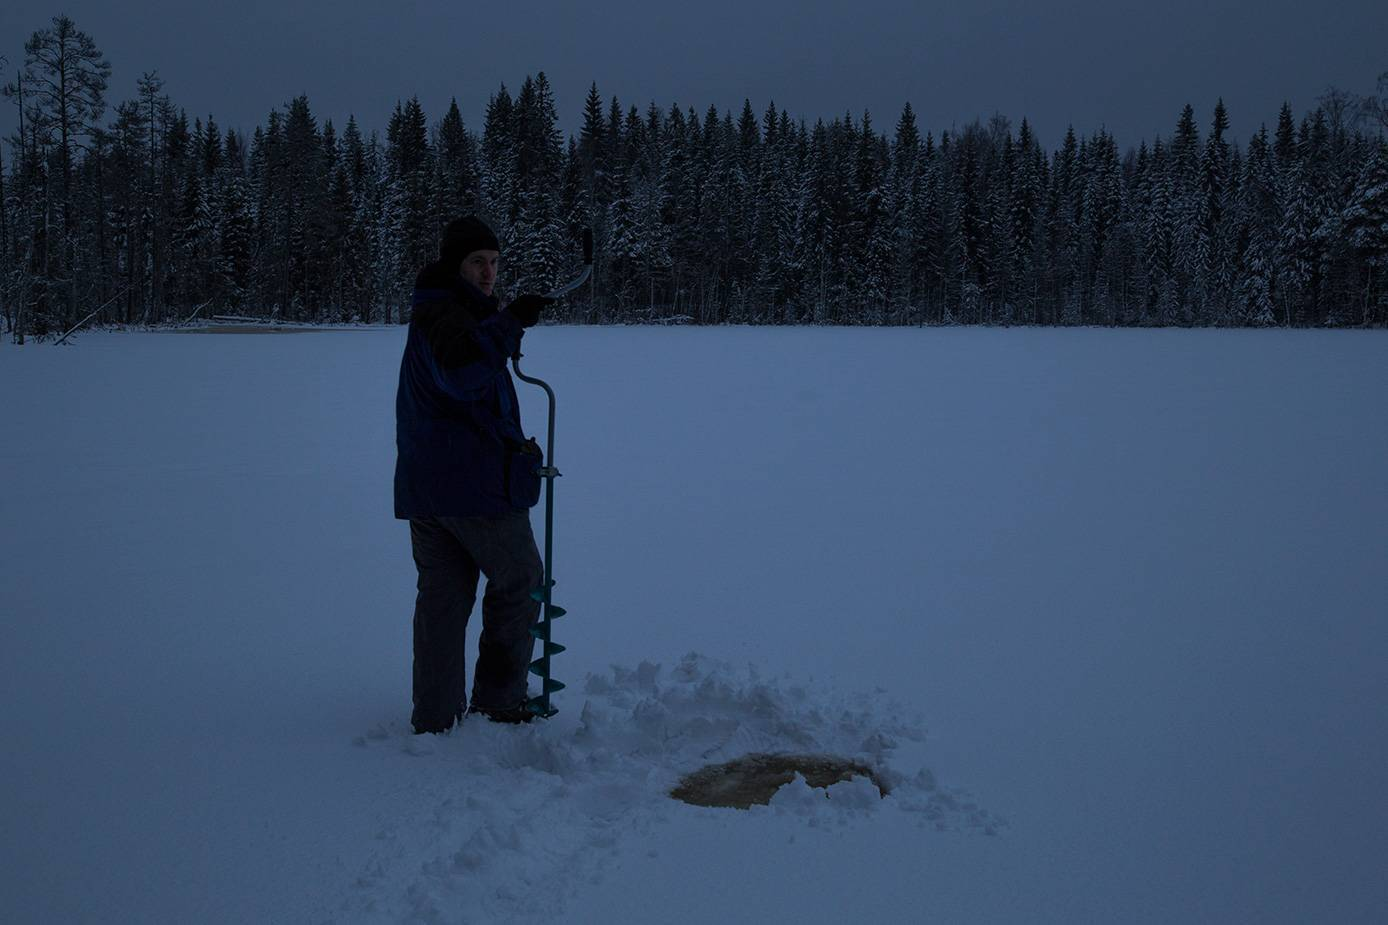 Что посмотреть в карелии зимой самостоятельно, активный отдых, экскурсии — туристер.ру